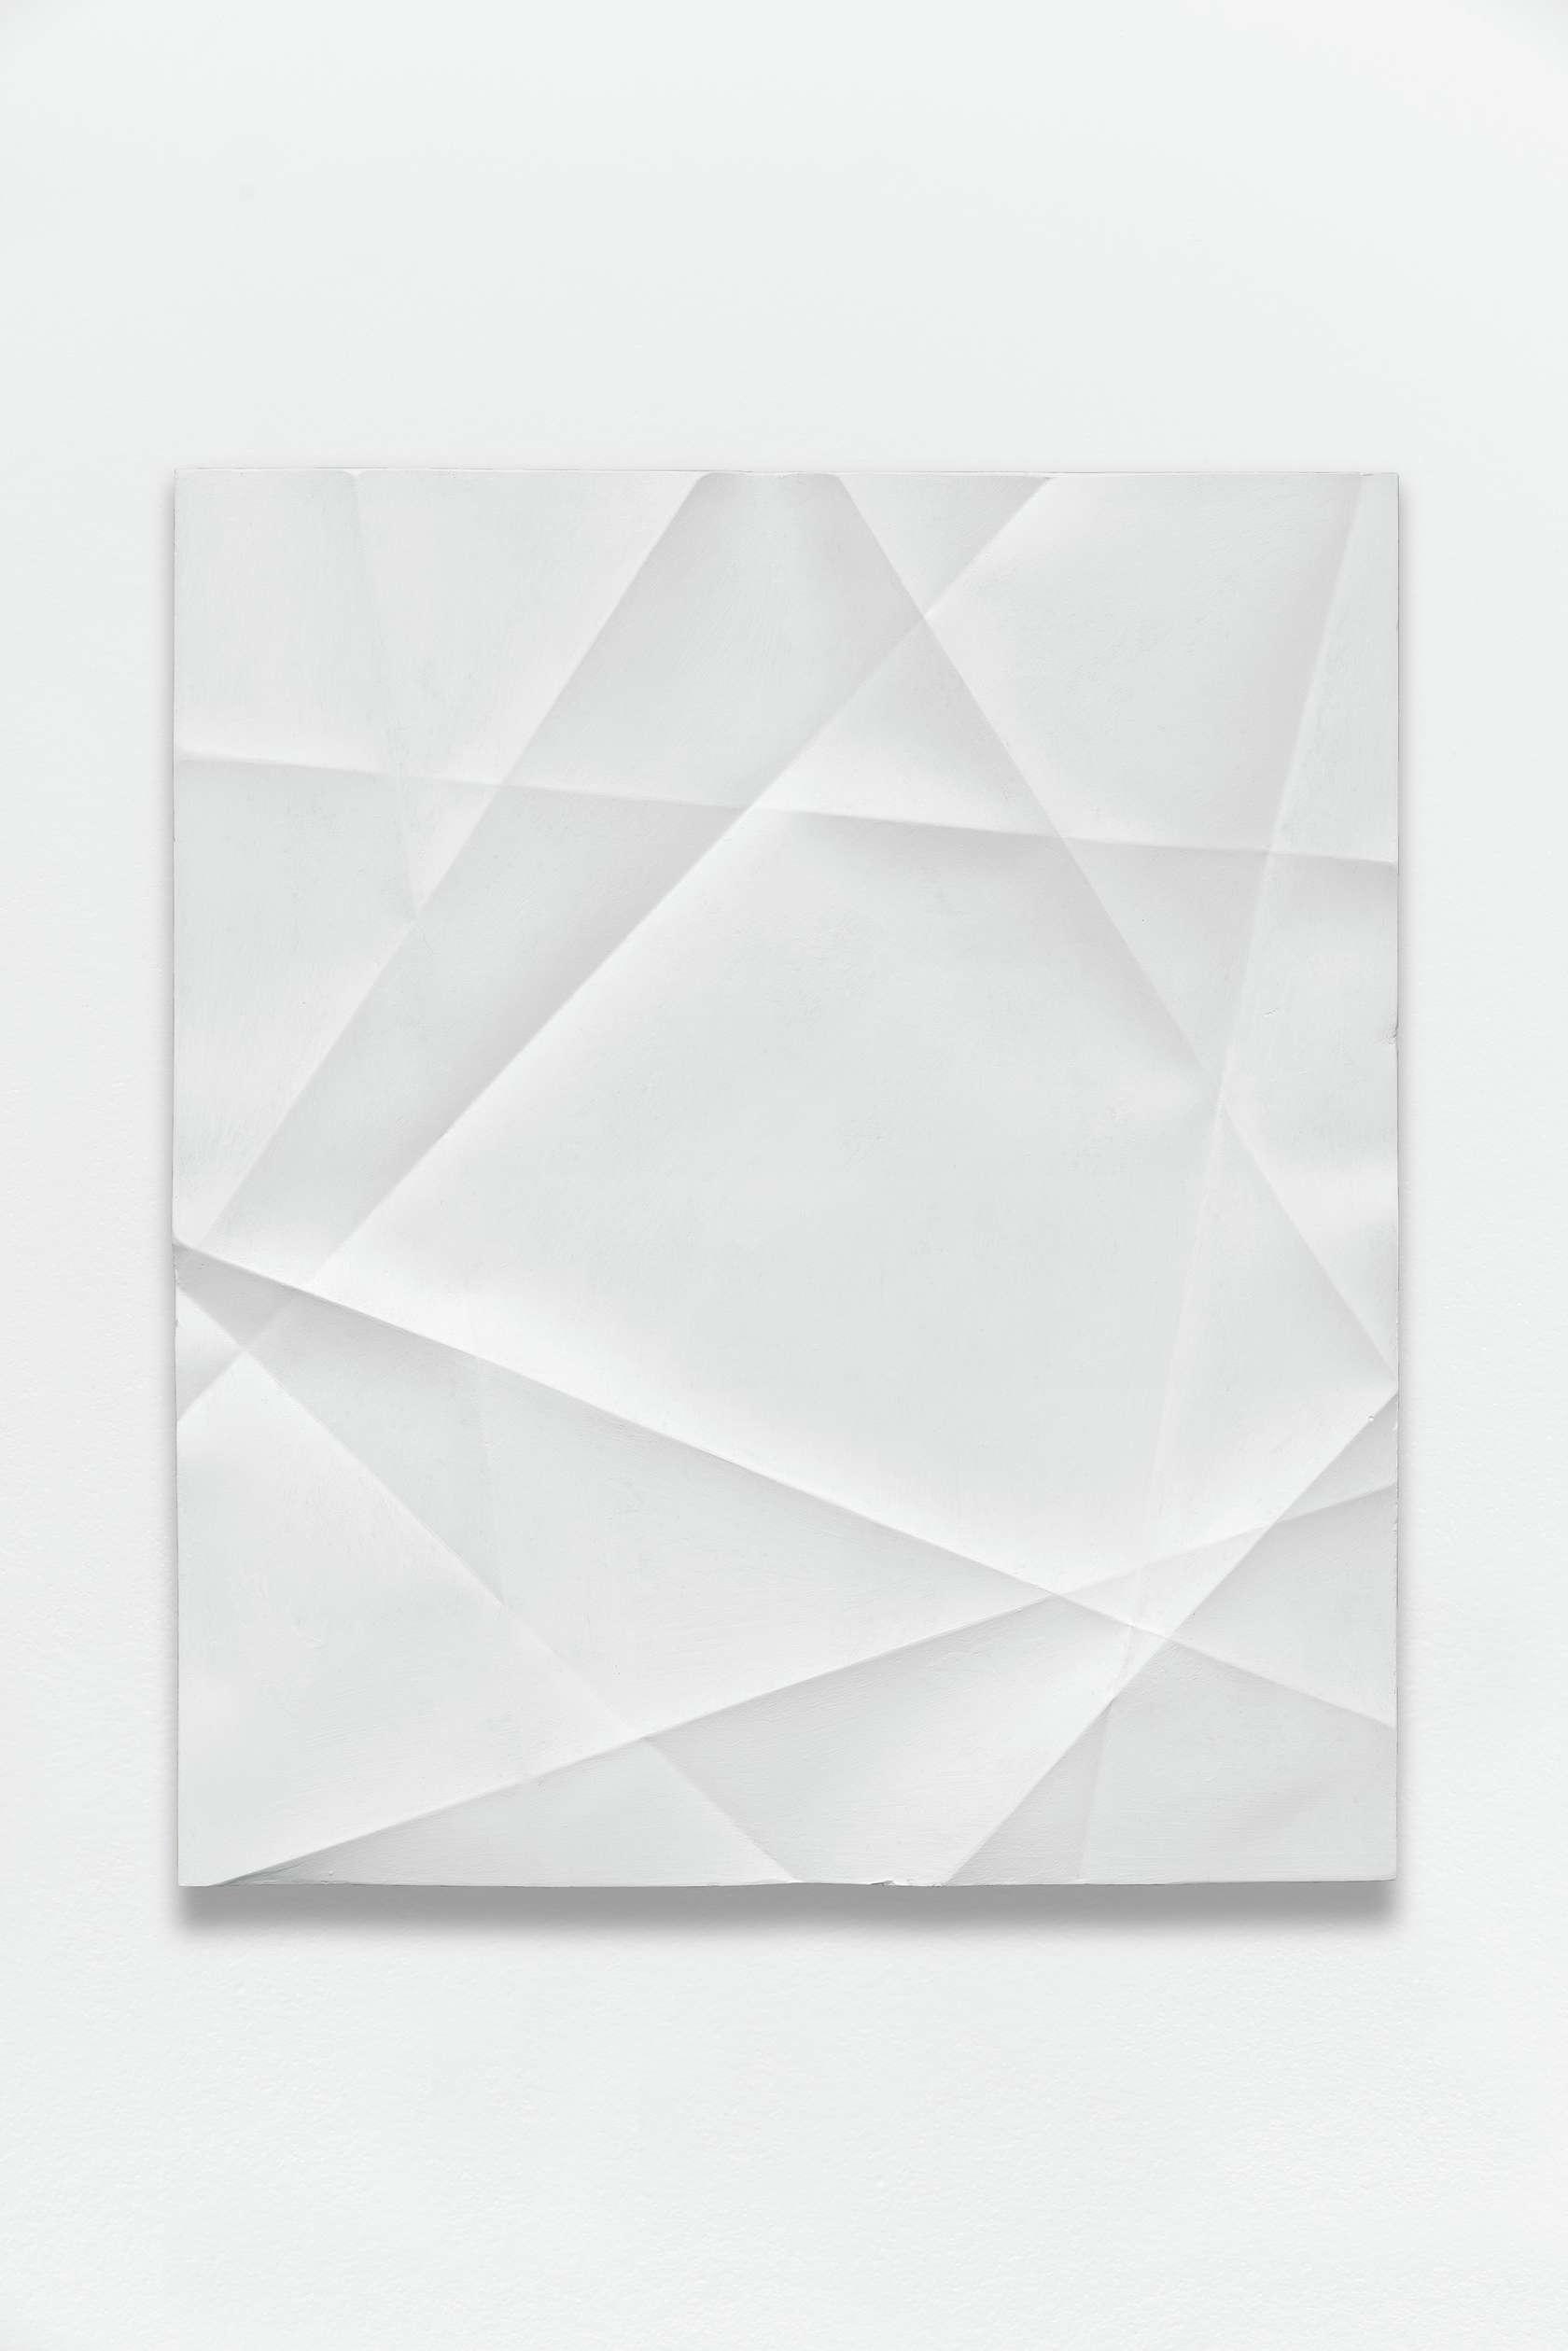 Beat Zoderer, Penta Guss, 2018 Plâtre et acrylique45.7 x 39.9 cm / 18  x 15 6/8 inches